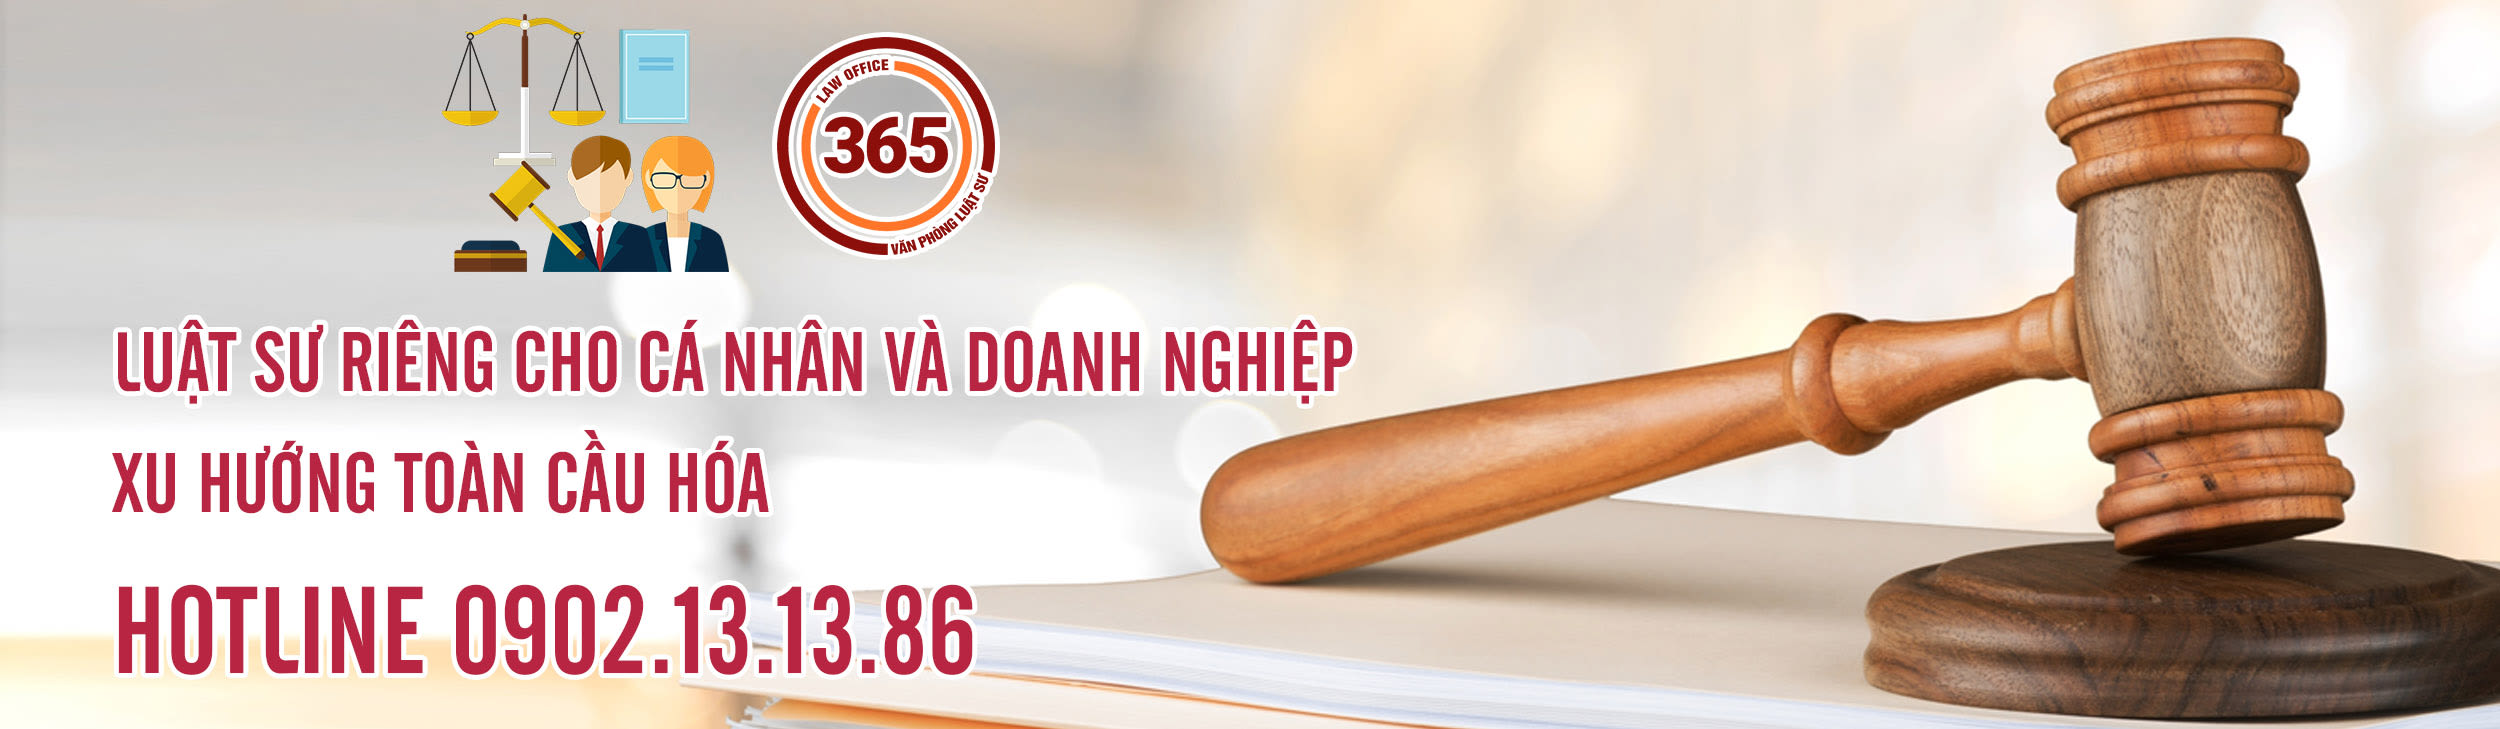 Banner Văn phòng luật sư 365